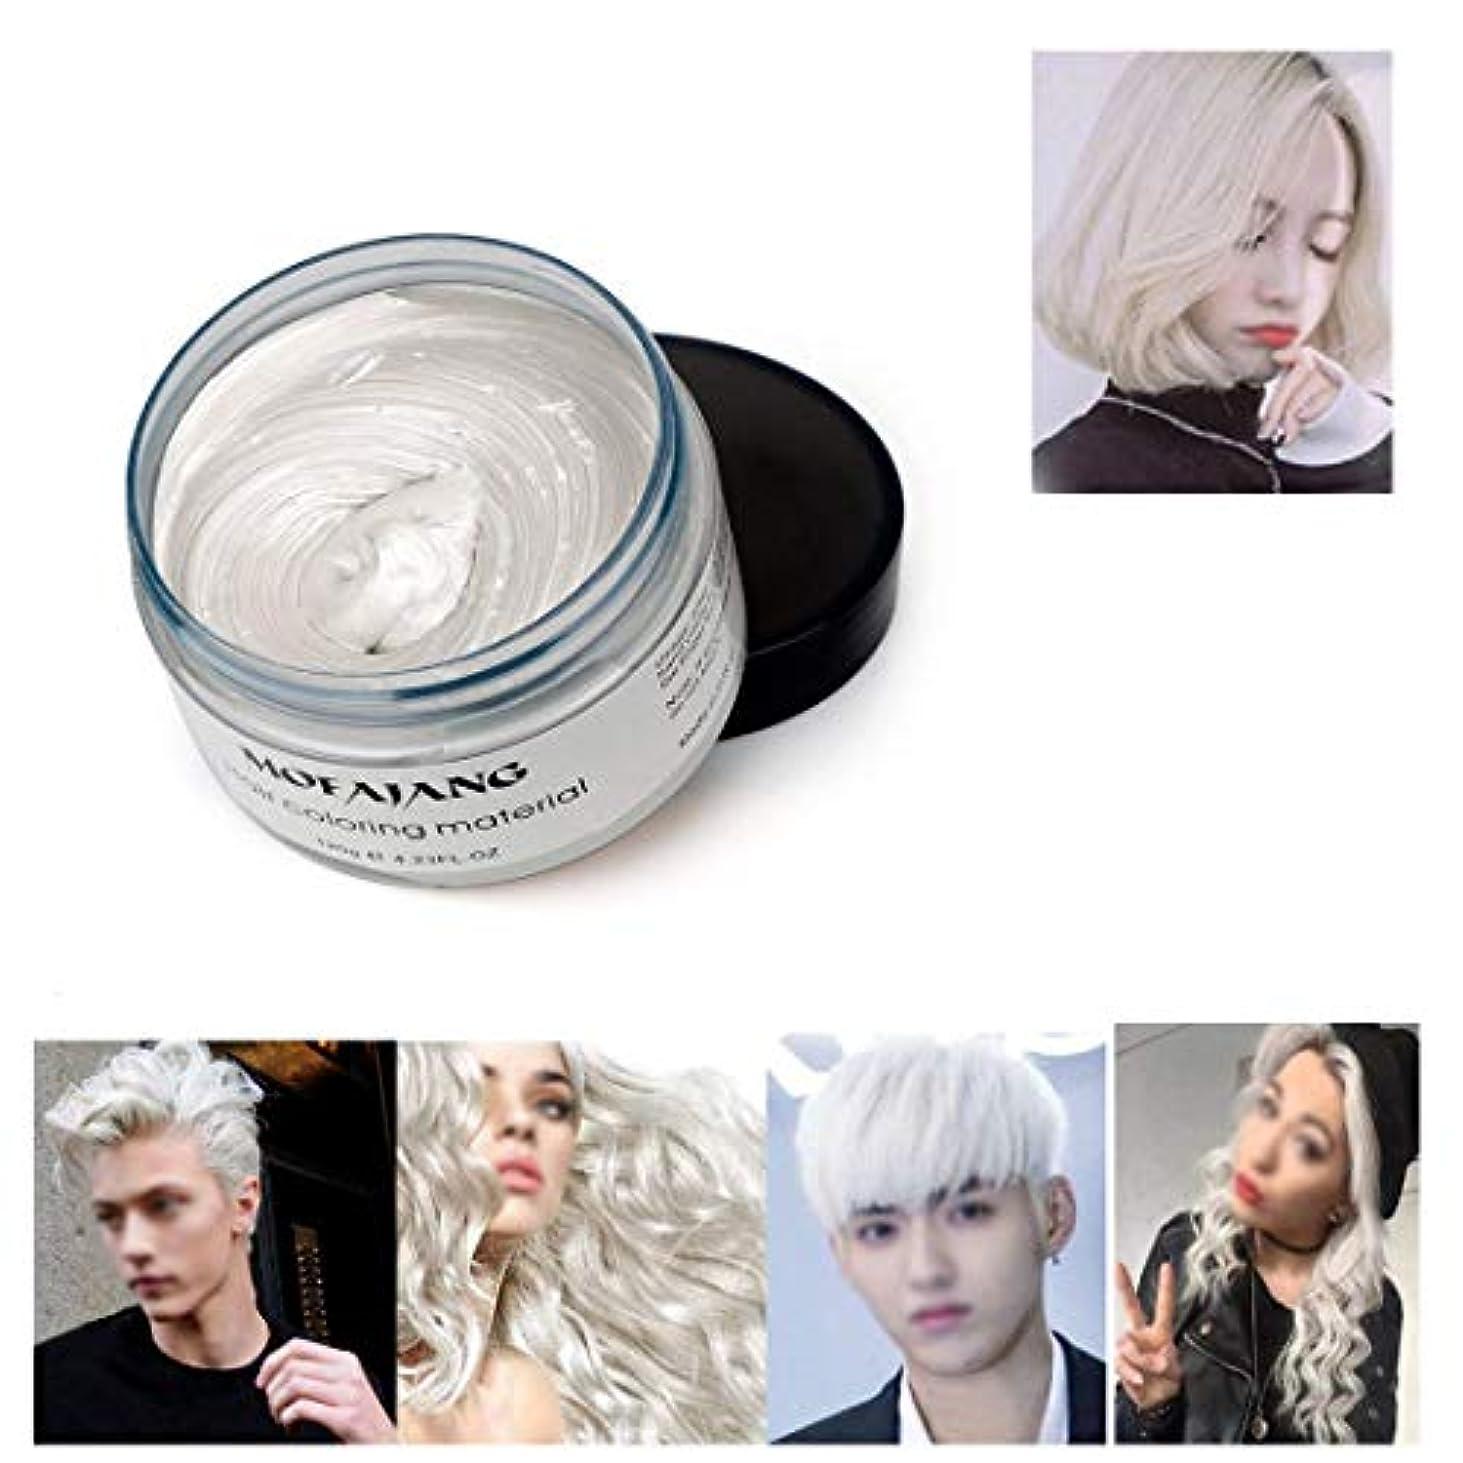 ベギン神経障害次髪色ワックス,一度だけ一時的に自然色染料ヘアワックスをモデリング,パーティーのための自然なマット髪型。コスプレ、仮装、ナイトクラブ、ハロウィーン (ホワイト)